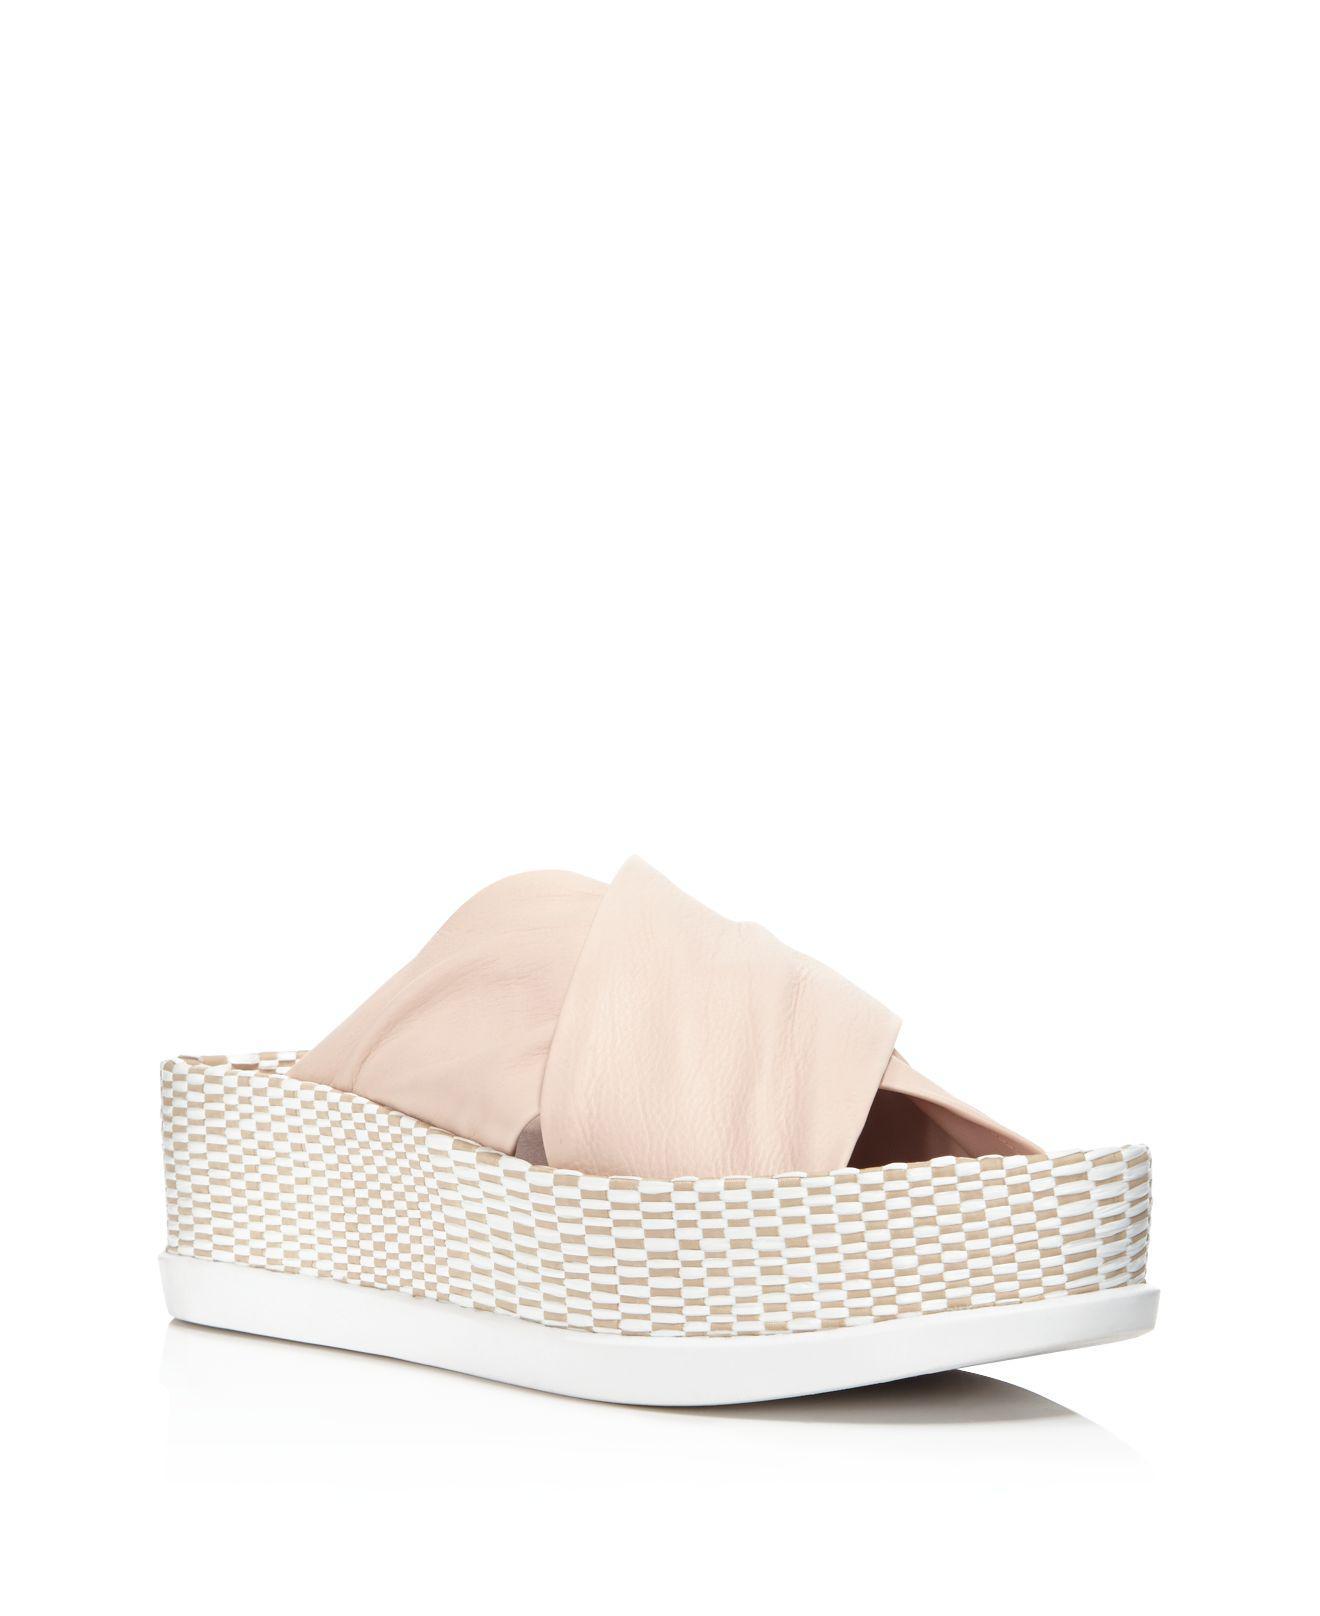 7d17ab6ec Sigerson Morrison Women's Hana Leather & Woven Platform Slide ...